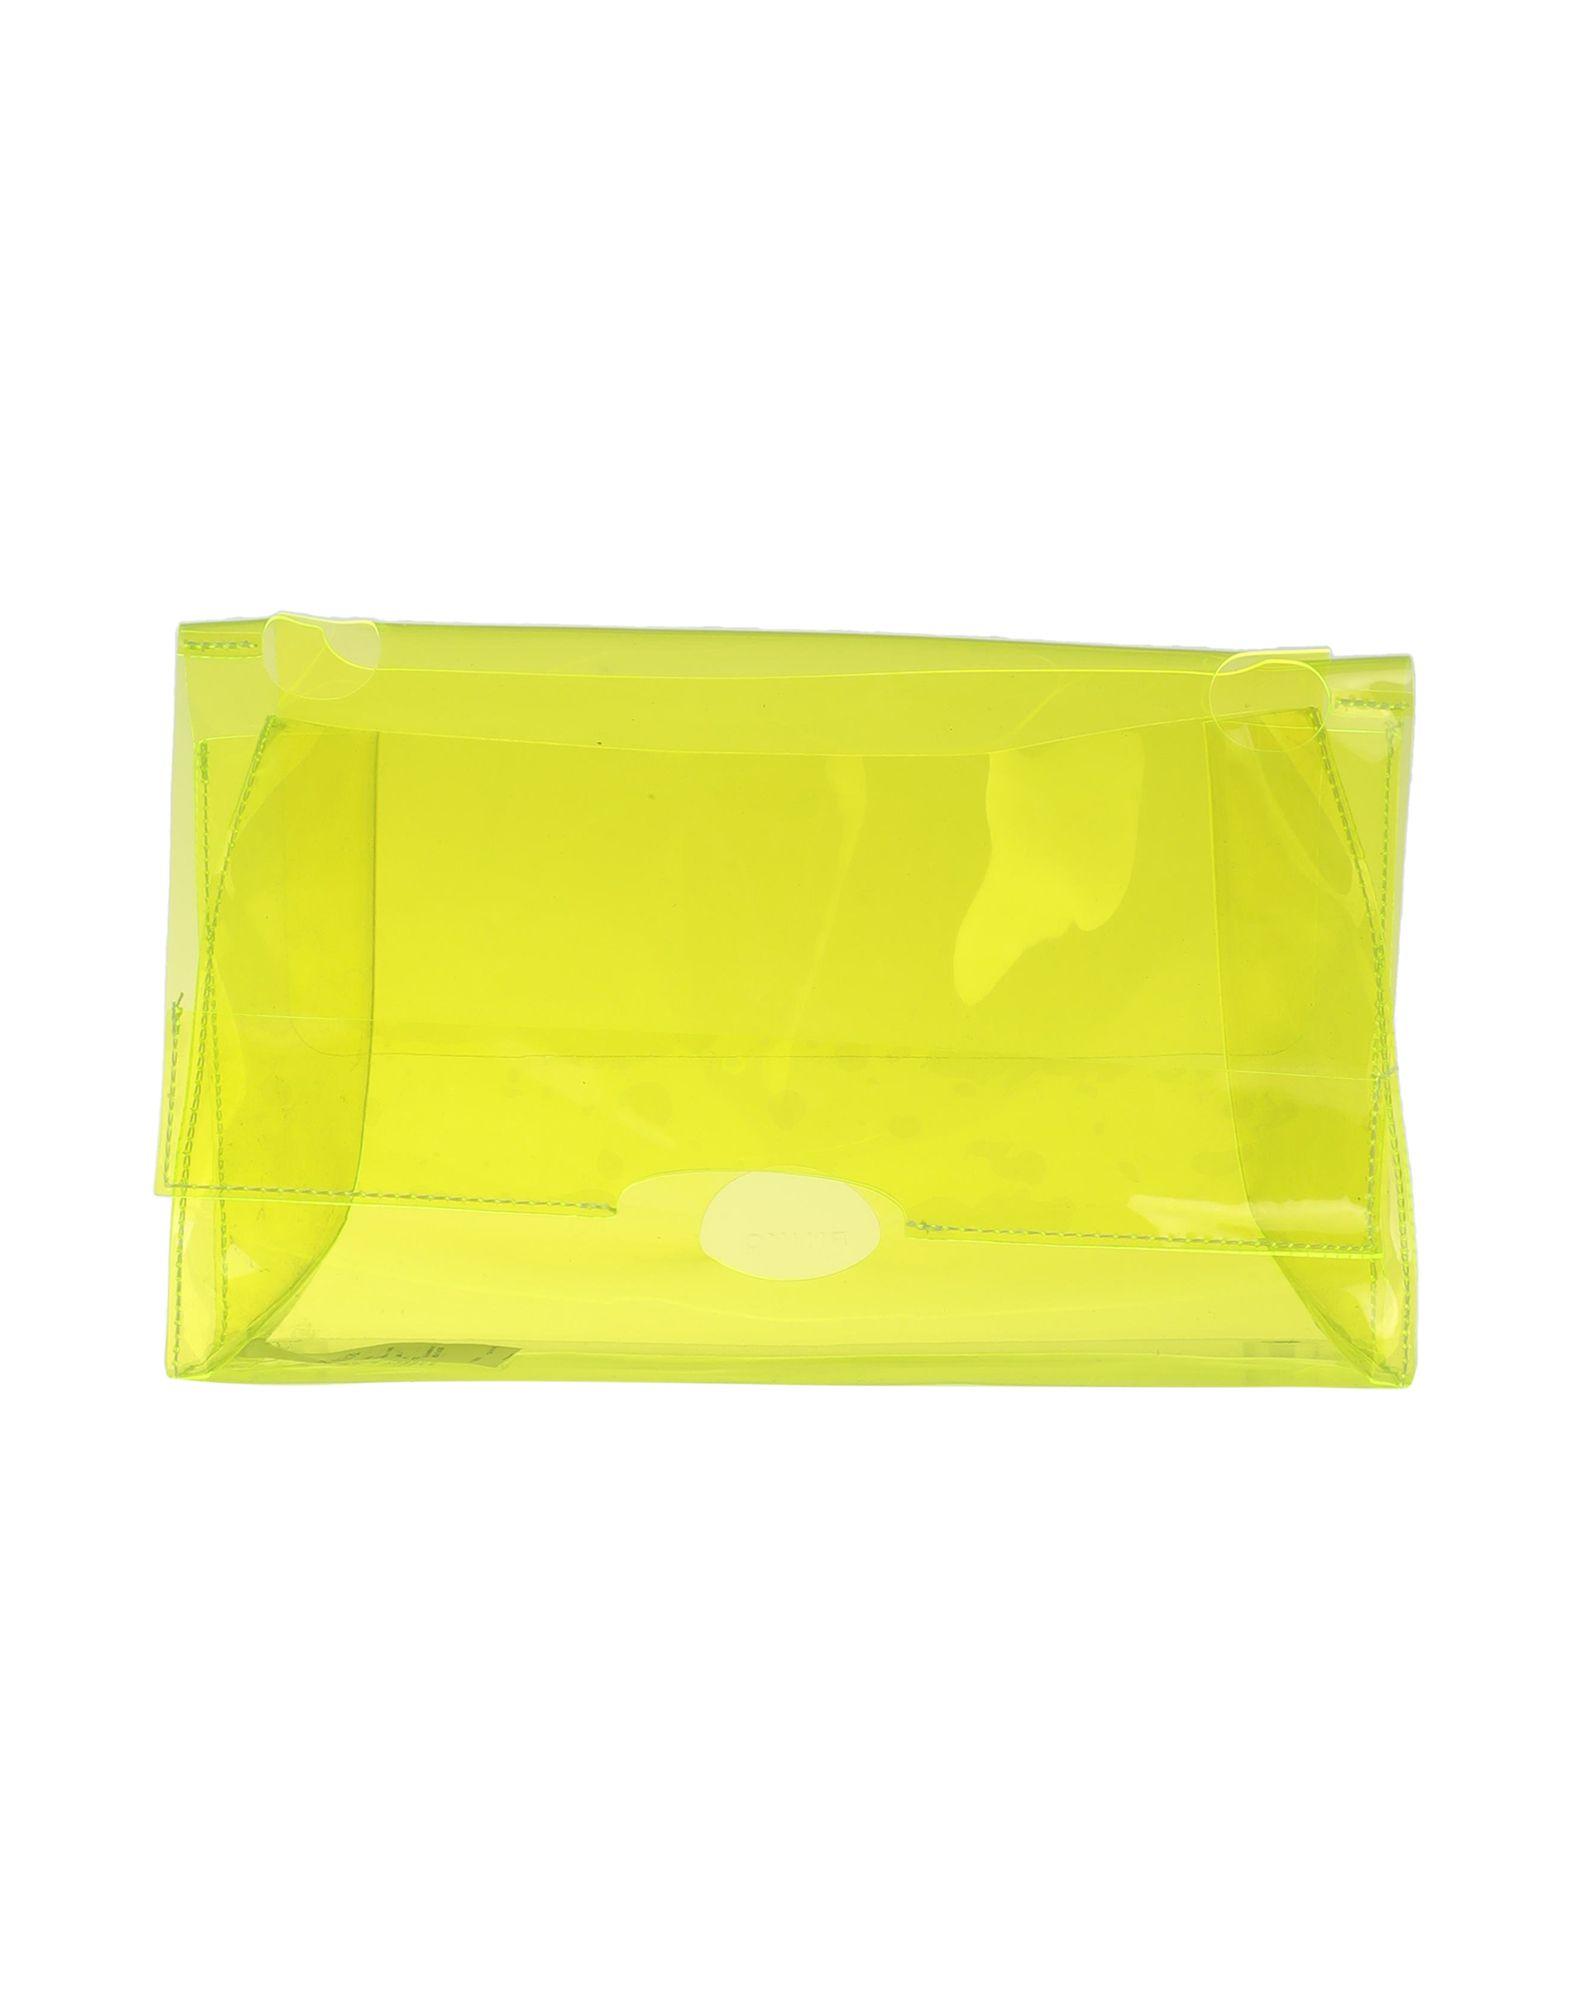 PINKO Bag accessories - Item 51126191